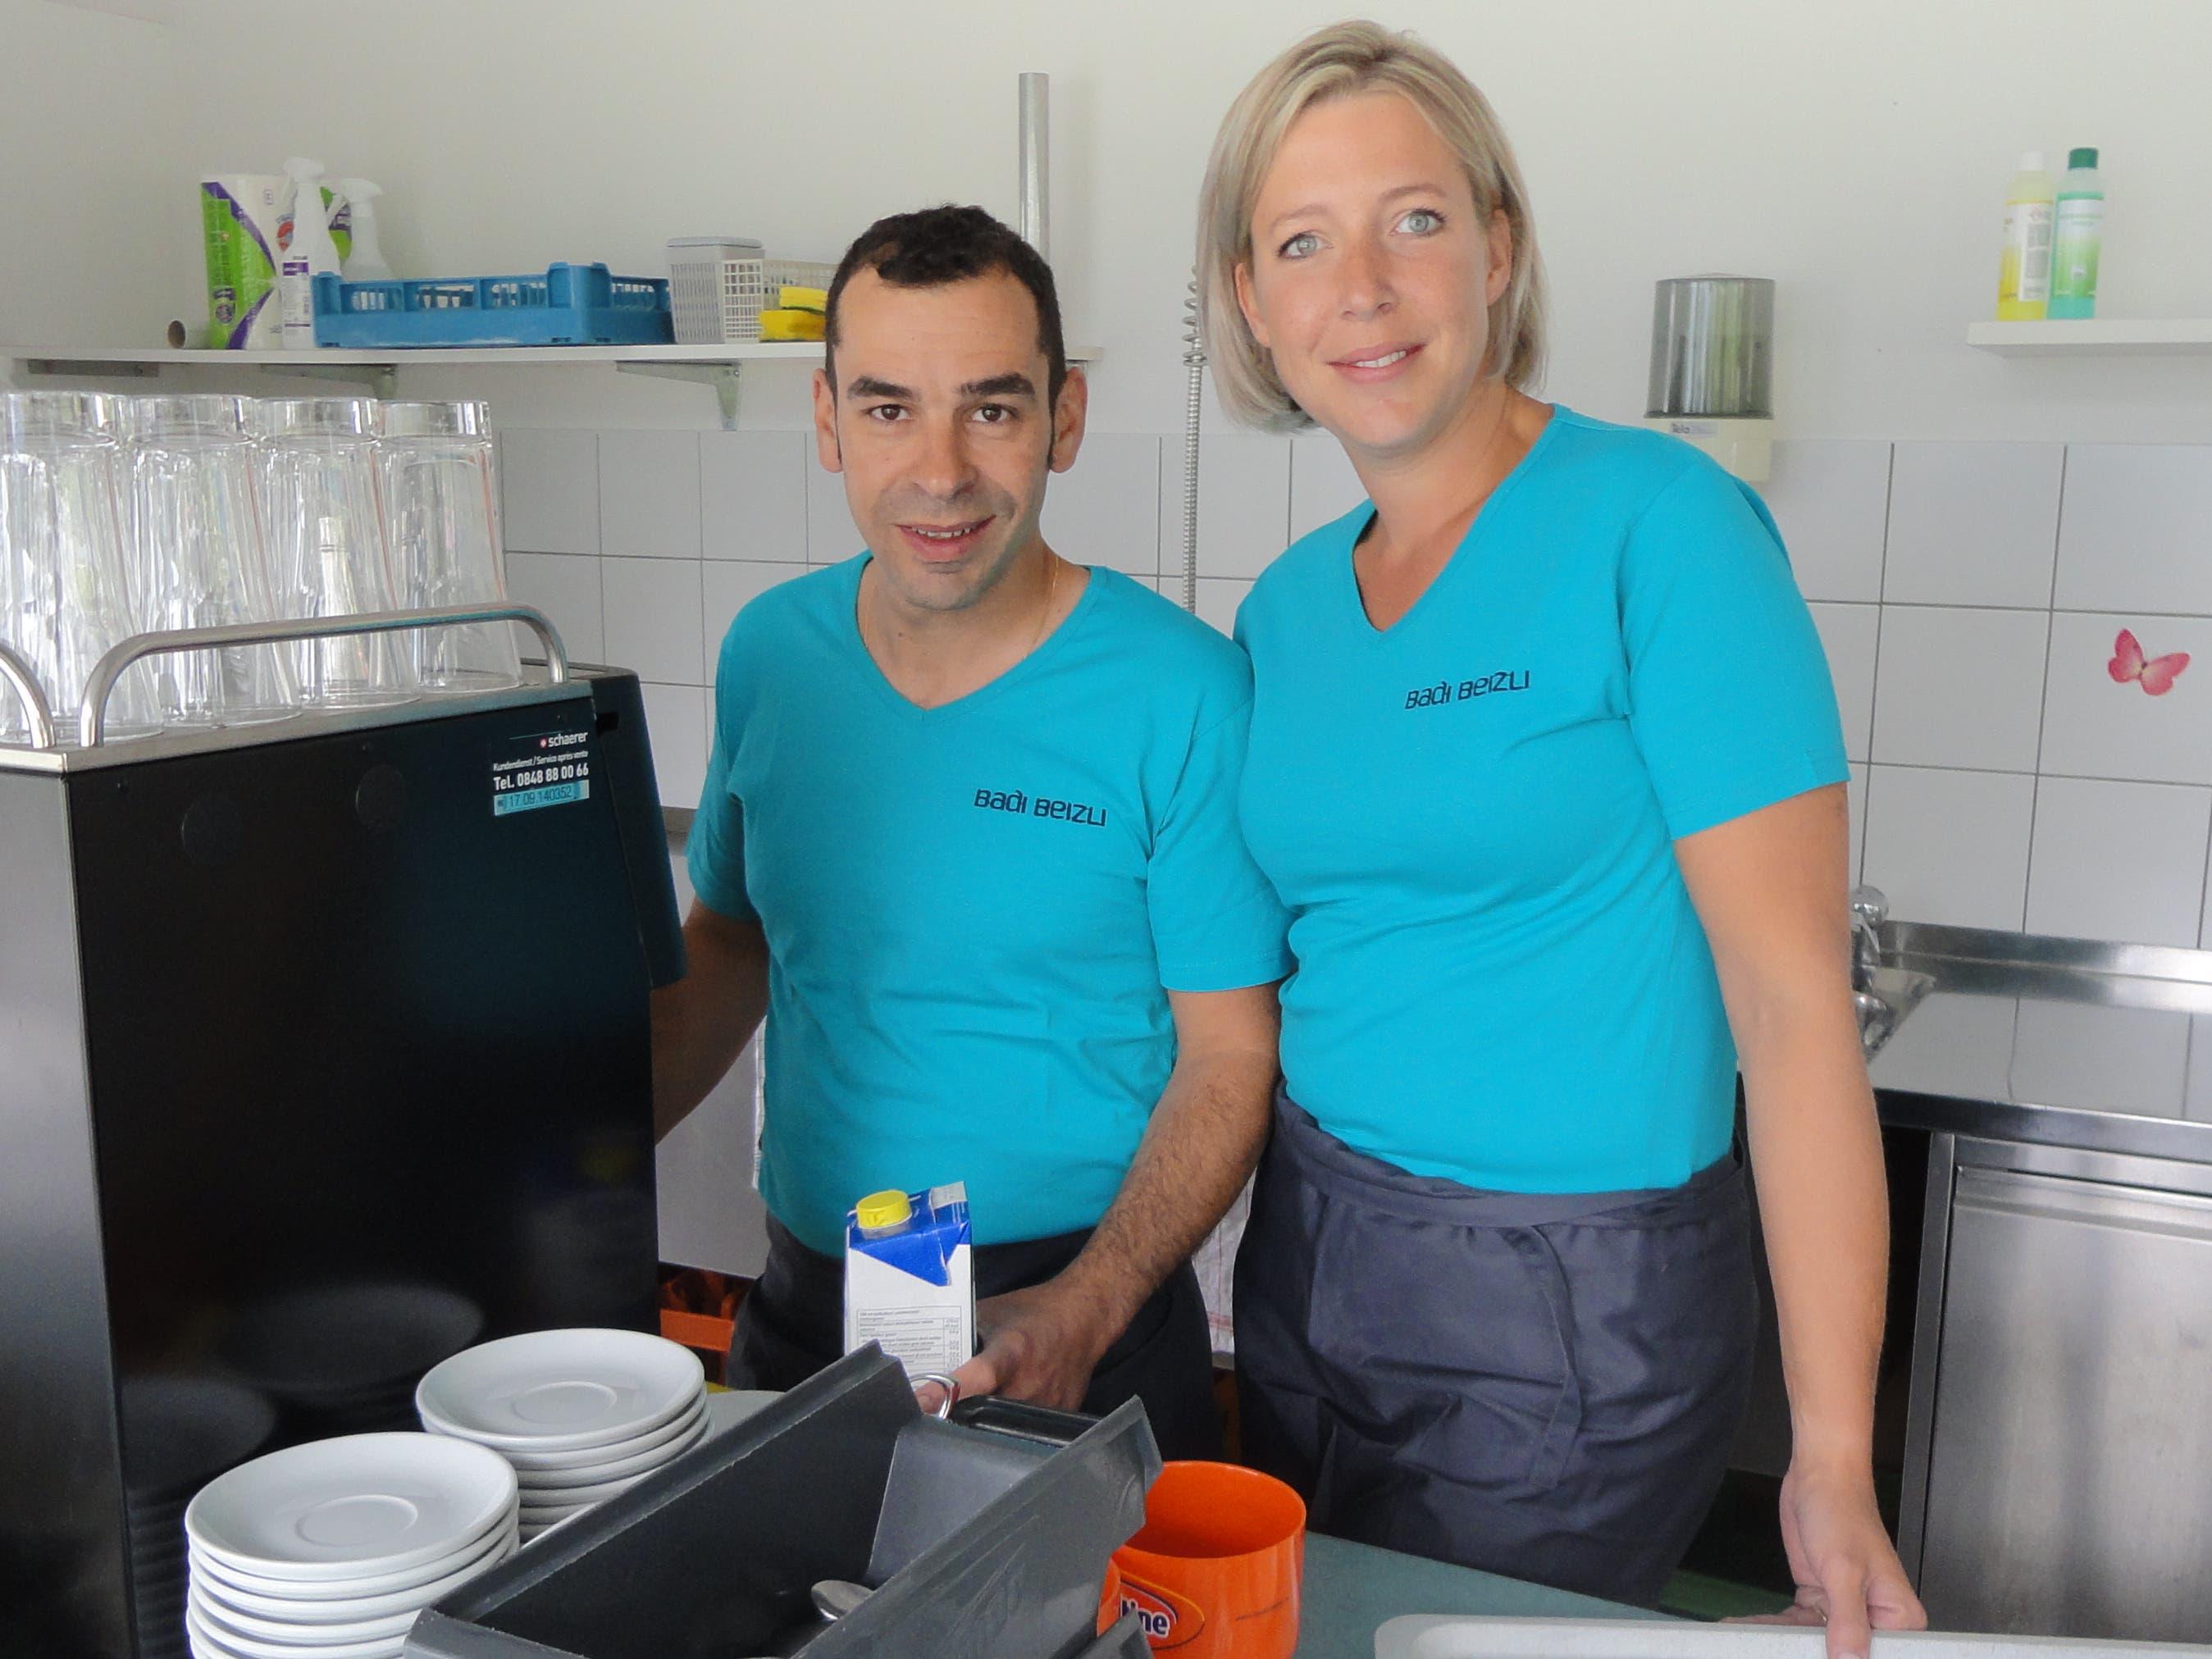 Professionelle Partnervermittlung Villars-Sur-Glne Drnten Nette